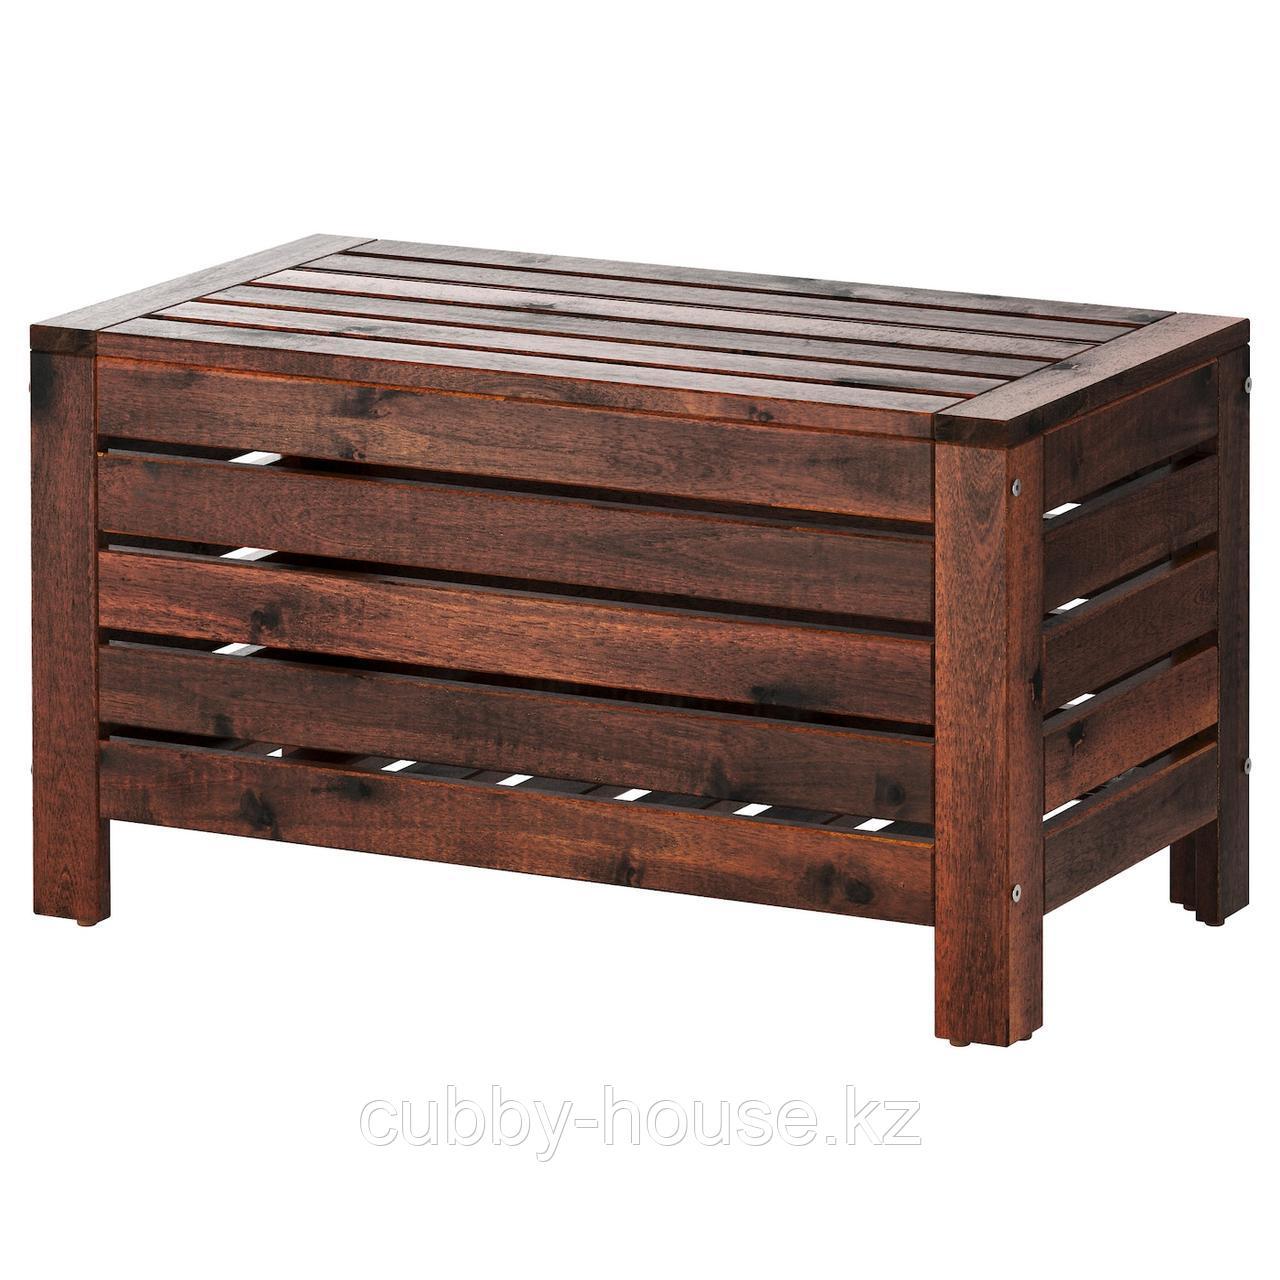 ЭПЛАРО Садовая скамья с ящиком, коричневая морилка, 80x41 см